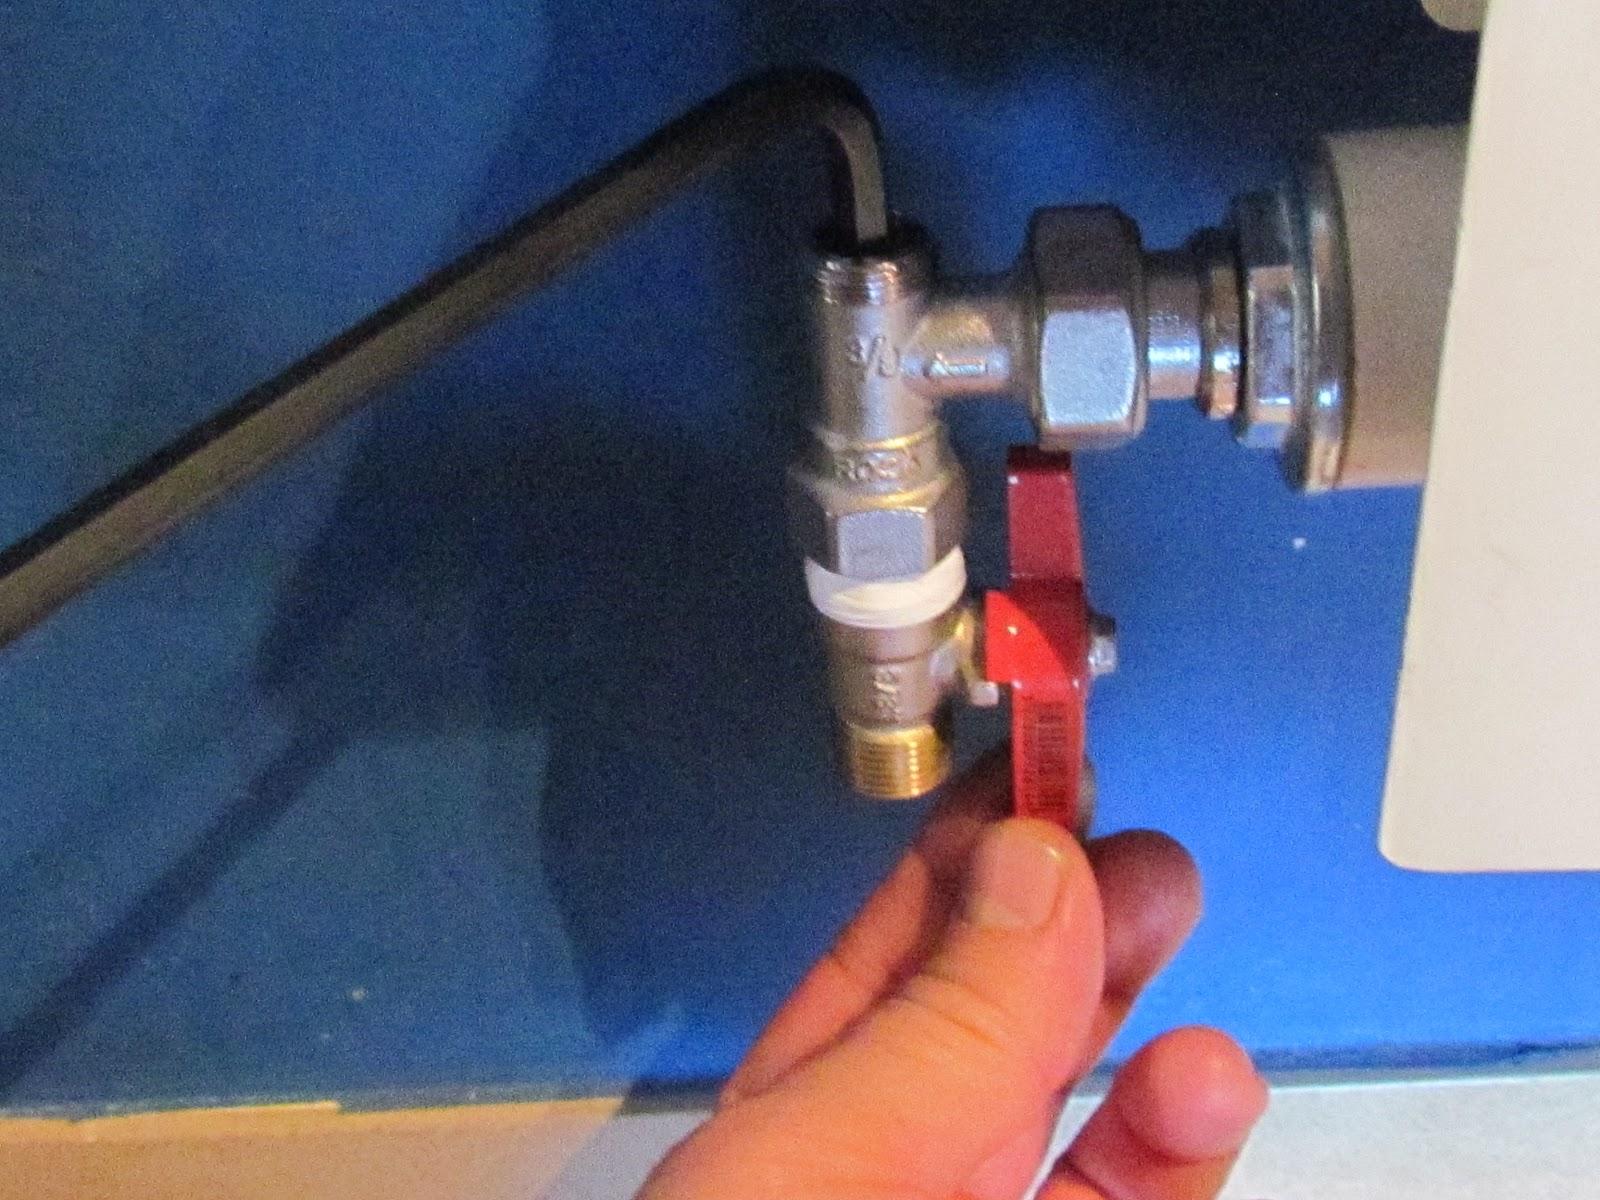 Bricolaje hazlo tu mismo vaciado del circuito del agua for Llave tirando agua